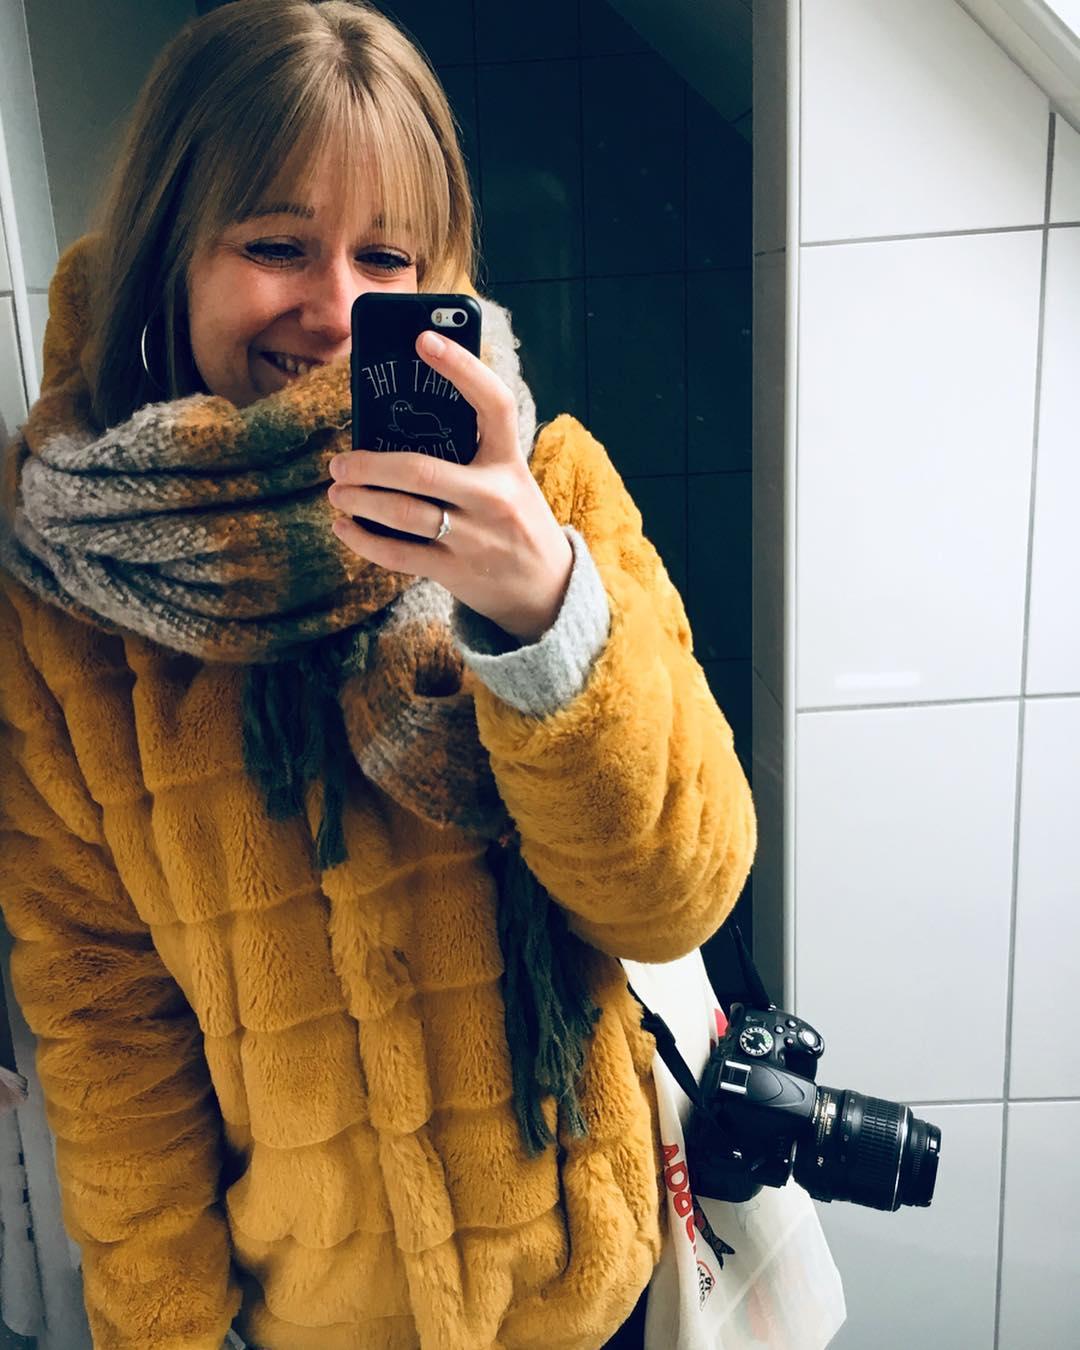 khaki doudou coat de Les Bourgeoises sur cacouuuu_